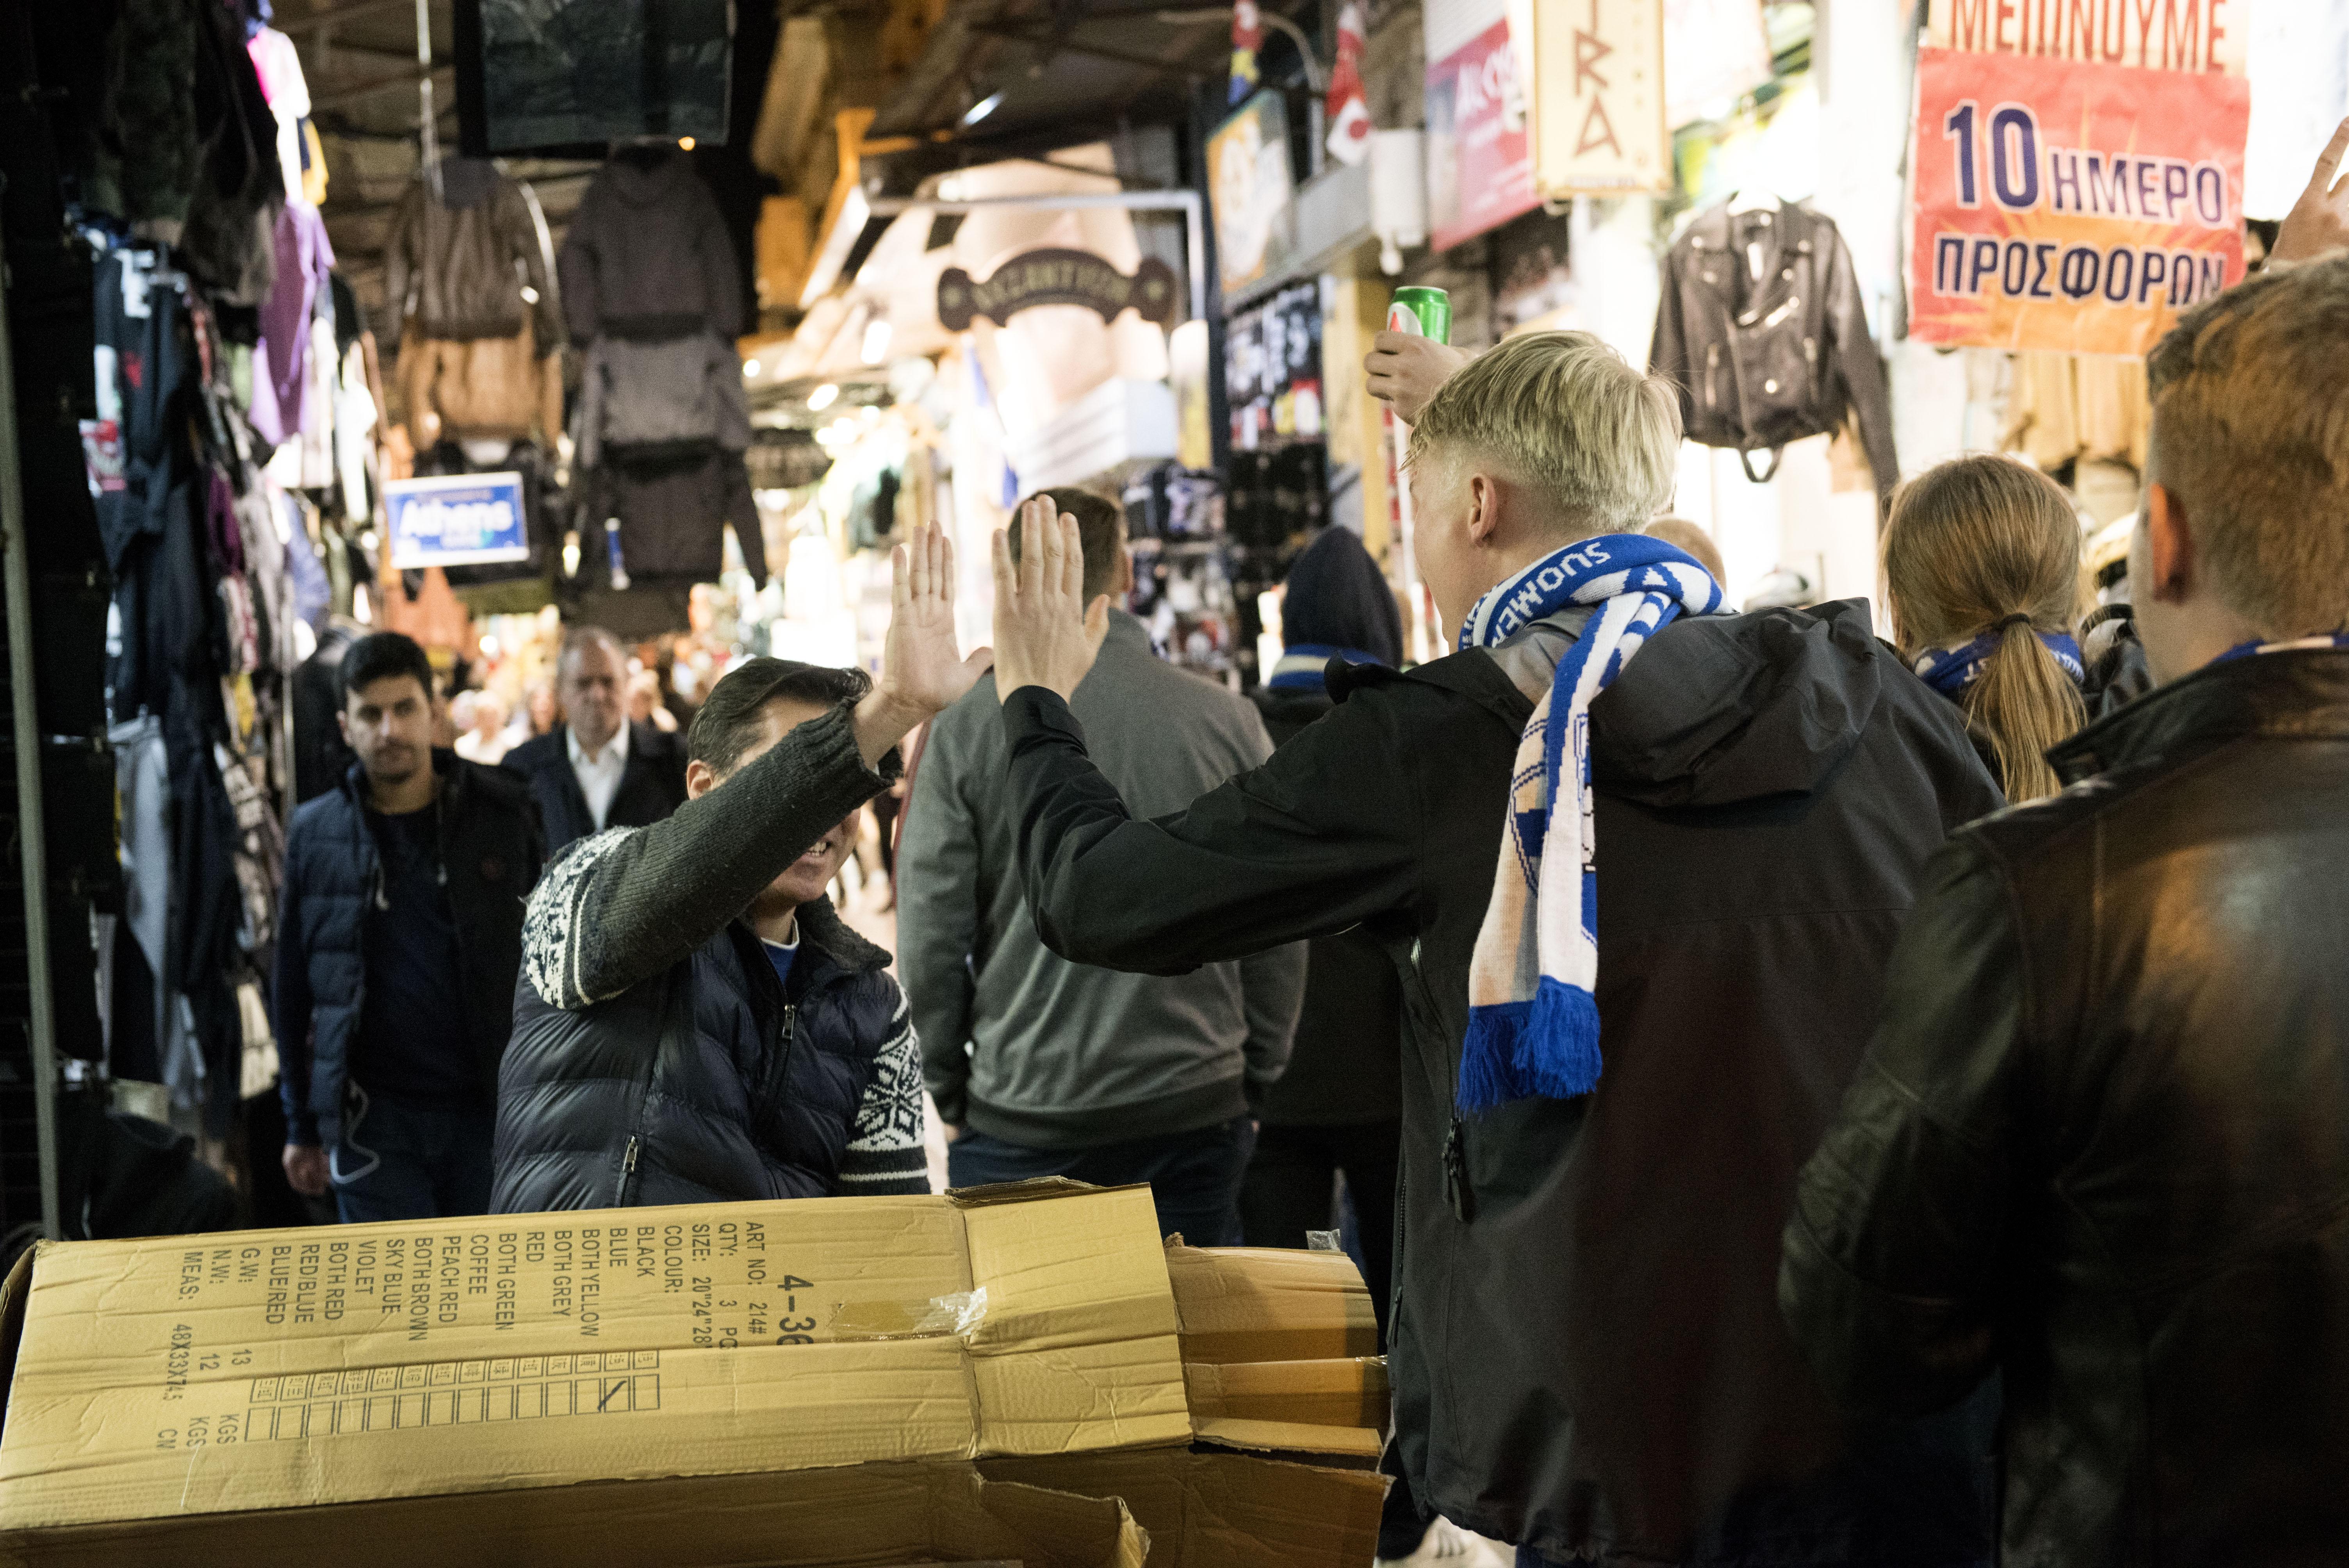 Suomalaisfani Jesse Myllylahti iskee ylävitoset kreikkalaisen vastaantulijan kanssa heidän matkatessaan metroasemalle pitkin basaarikujaa.